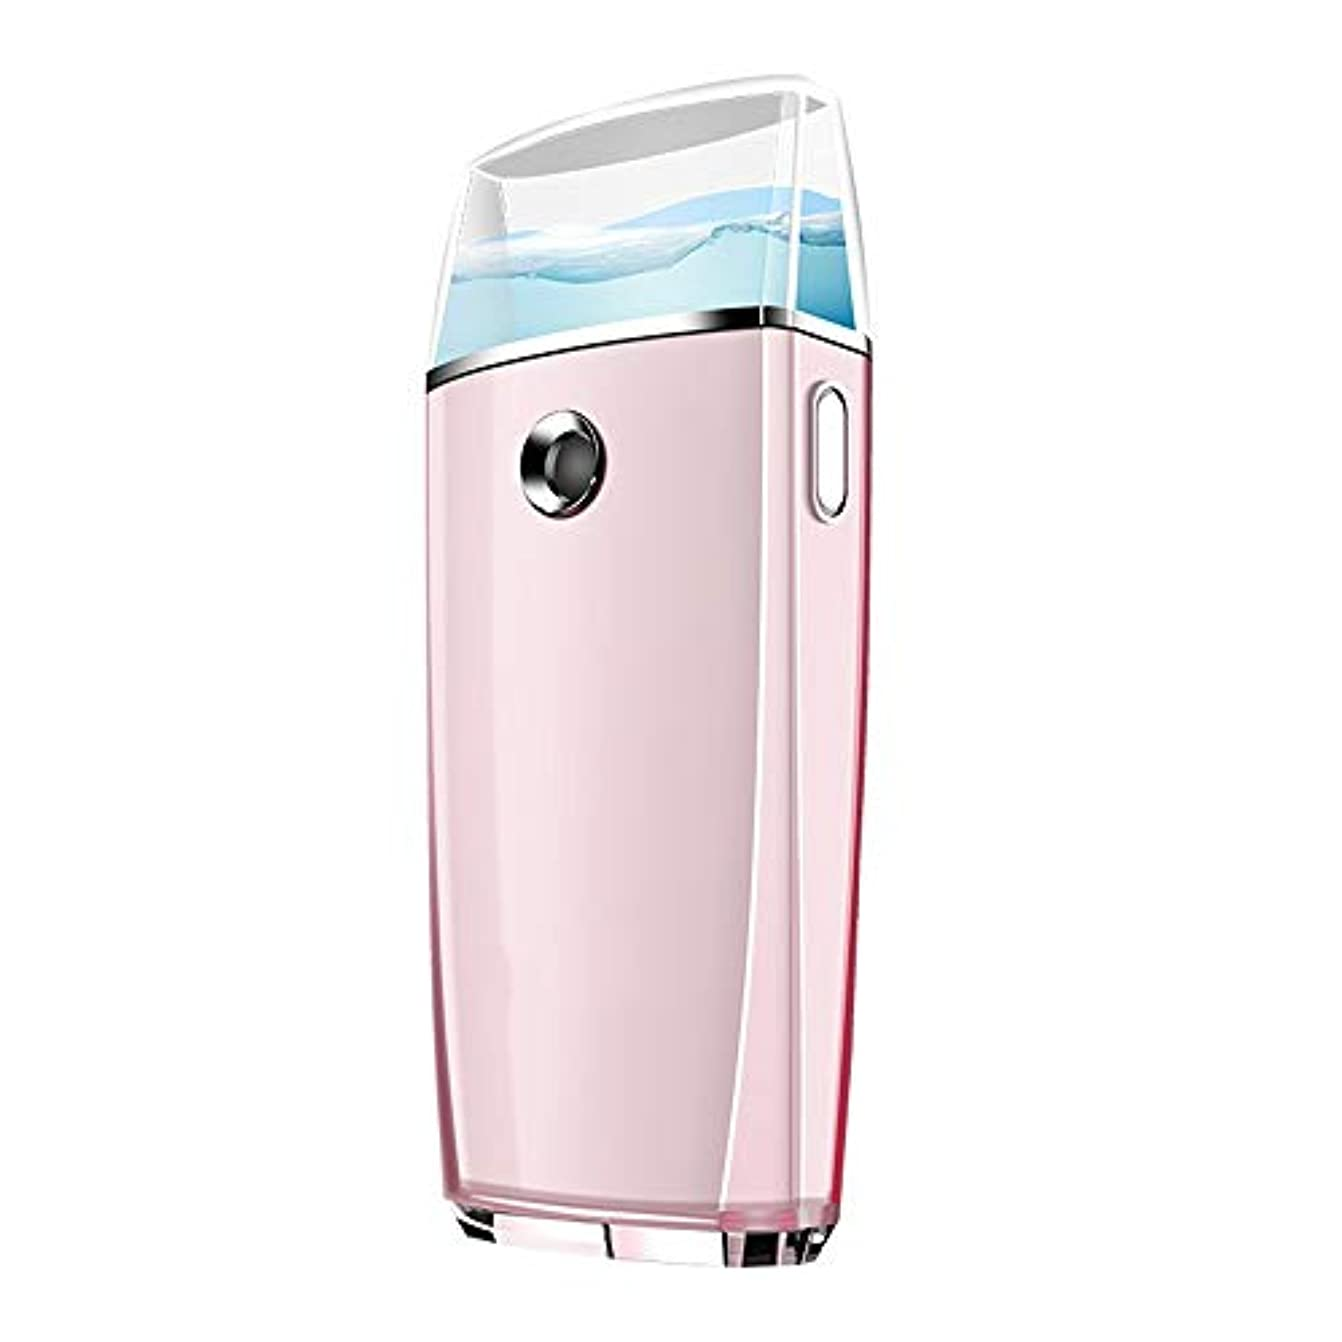 電報売る構成員ZXF ナノスプレー水道メーターポータブル顔美容機器充電表面コールドスプレー機スプレー2ピンクモデルグリーンモデル 滑らかである (色 : Pink)